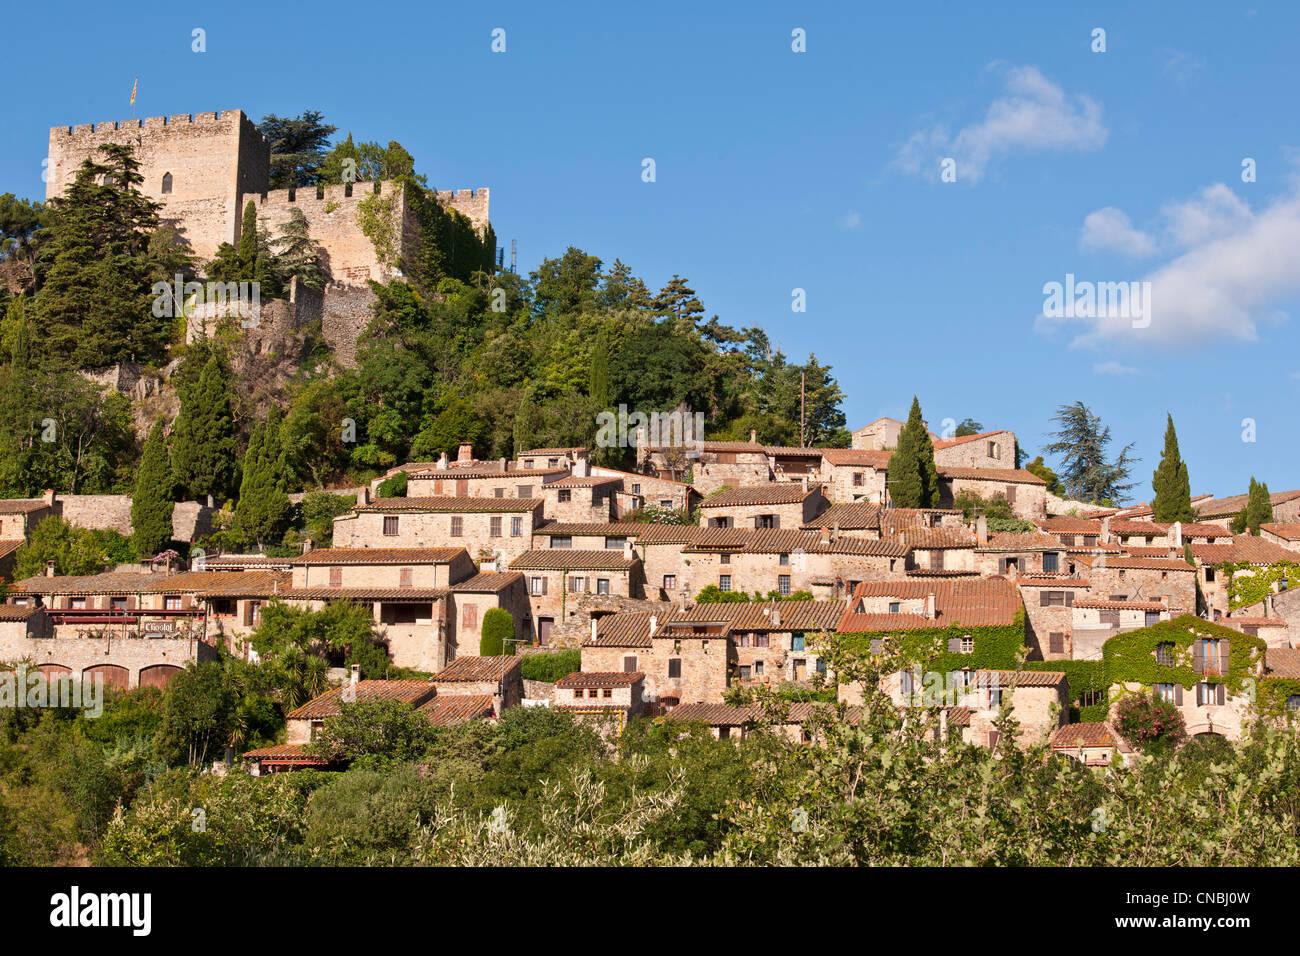 France, Pyrenees Orientales, Castelnou, labelled Les Plus Beaux Villages de France (The Most Beautiful Villages of France), the Stock Photo